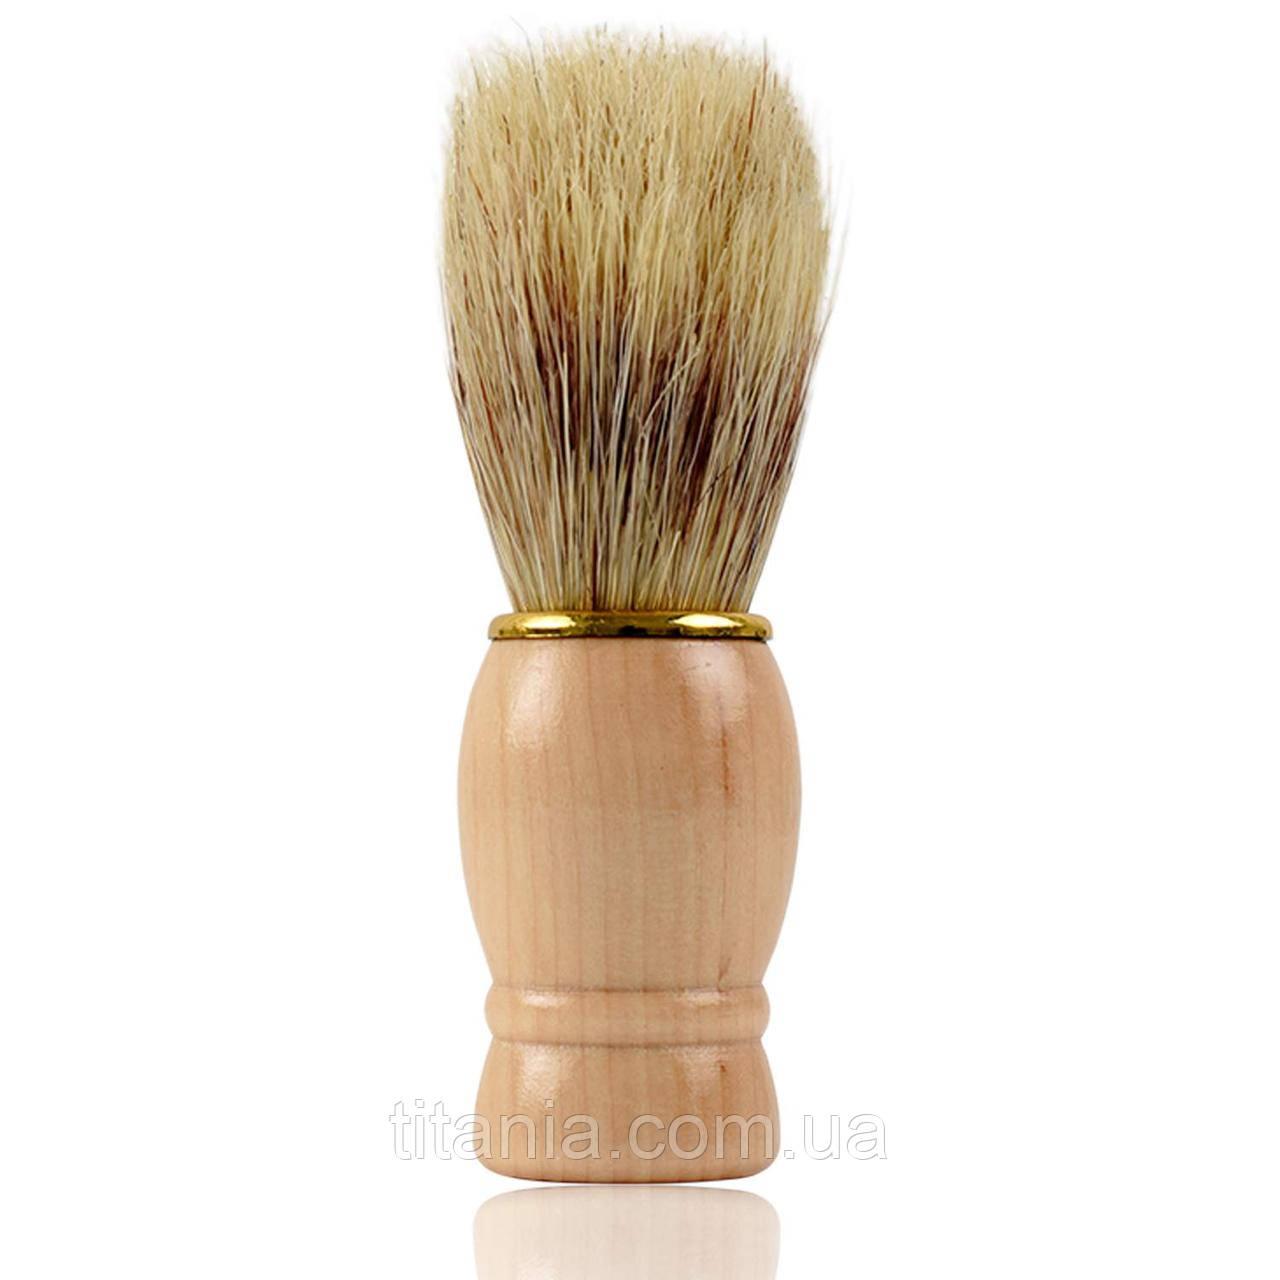 Помазок для бритья с натуральной щетиной и деревянной ручкой TITANIA art.2828B